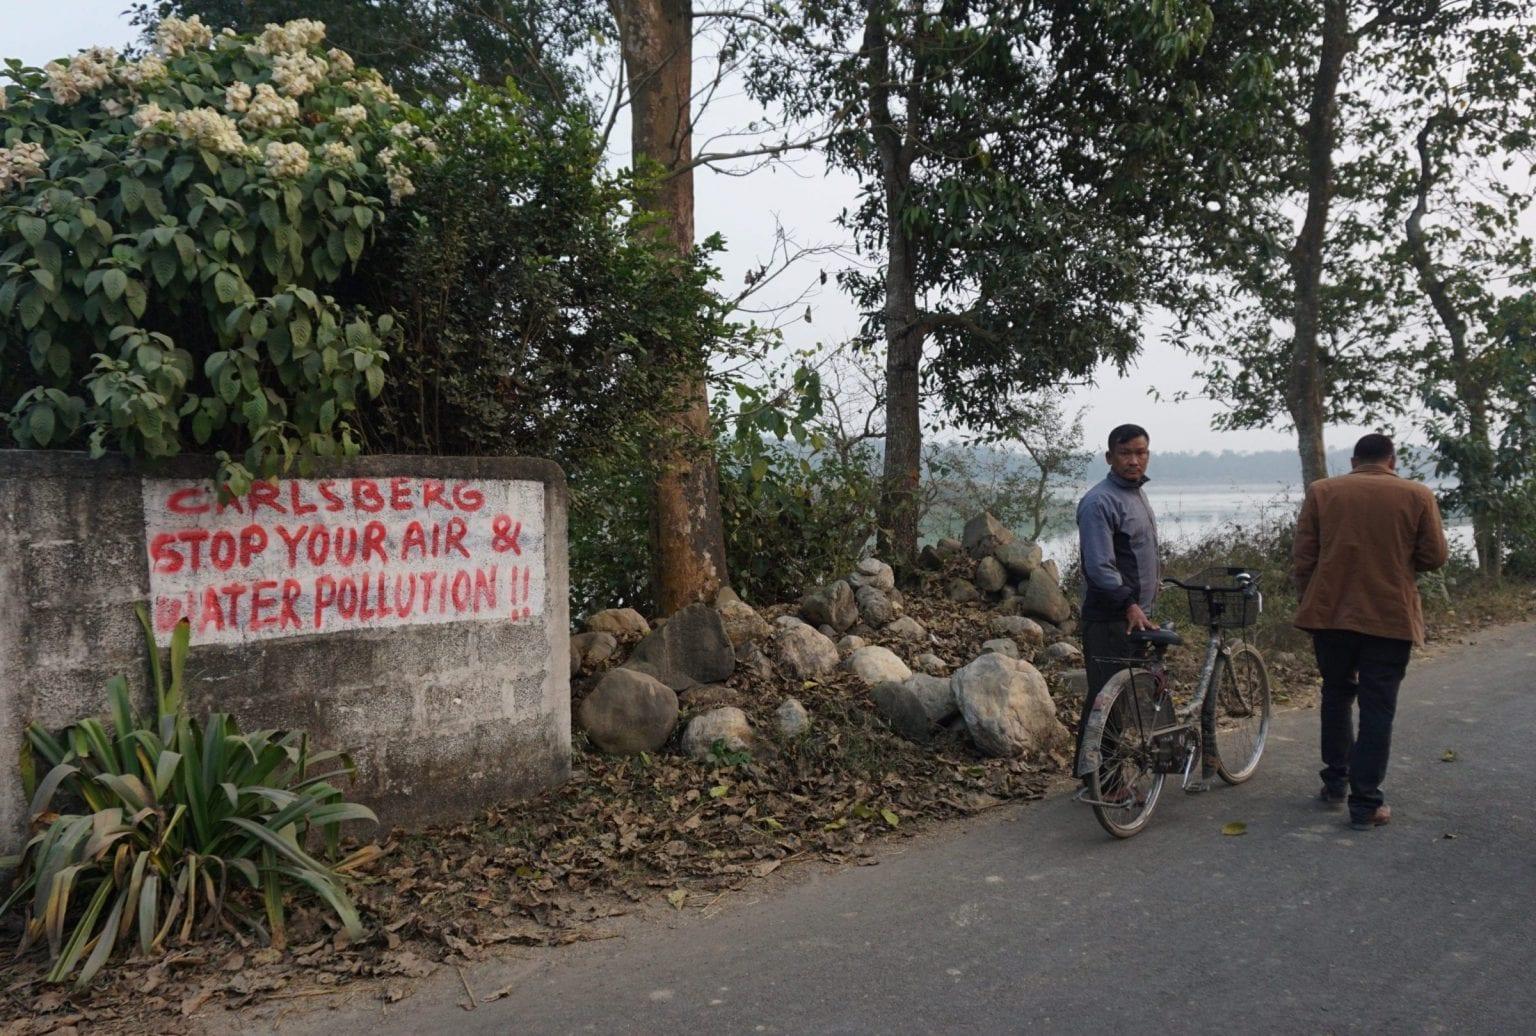 Bryggeriets naboer har i årevis forsøgt at råbe op om forureningen.